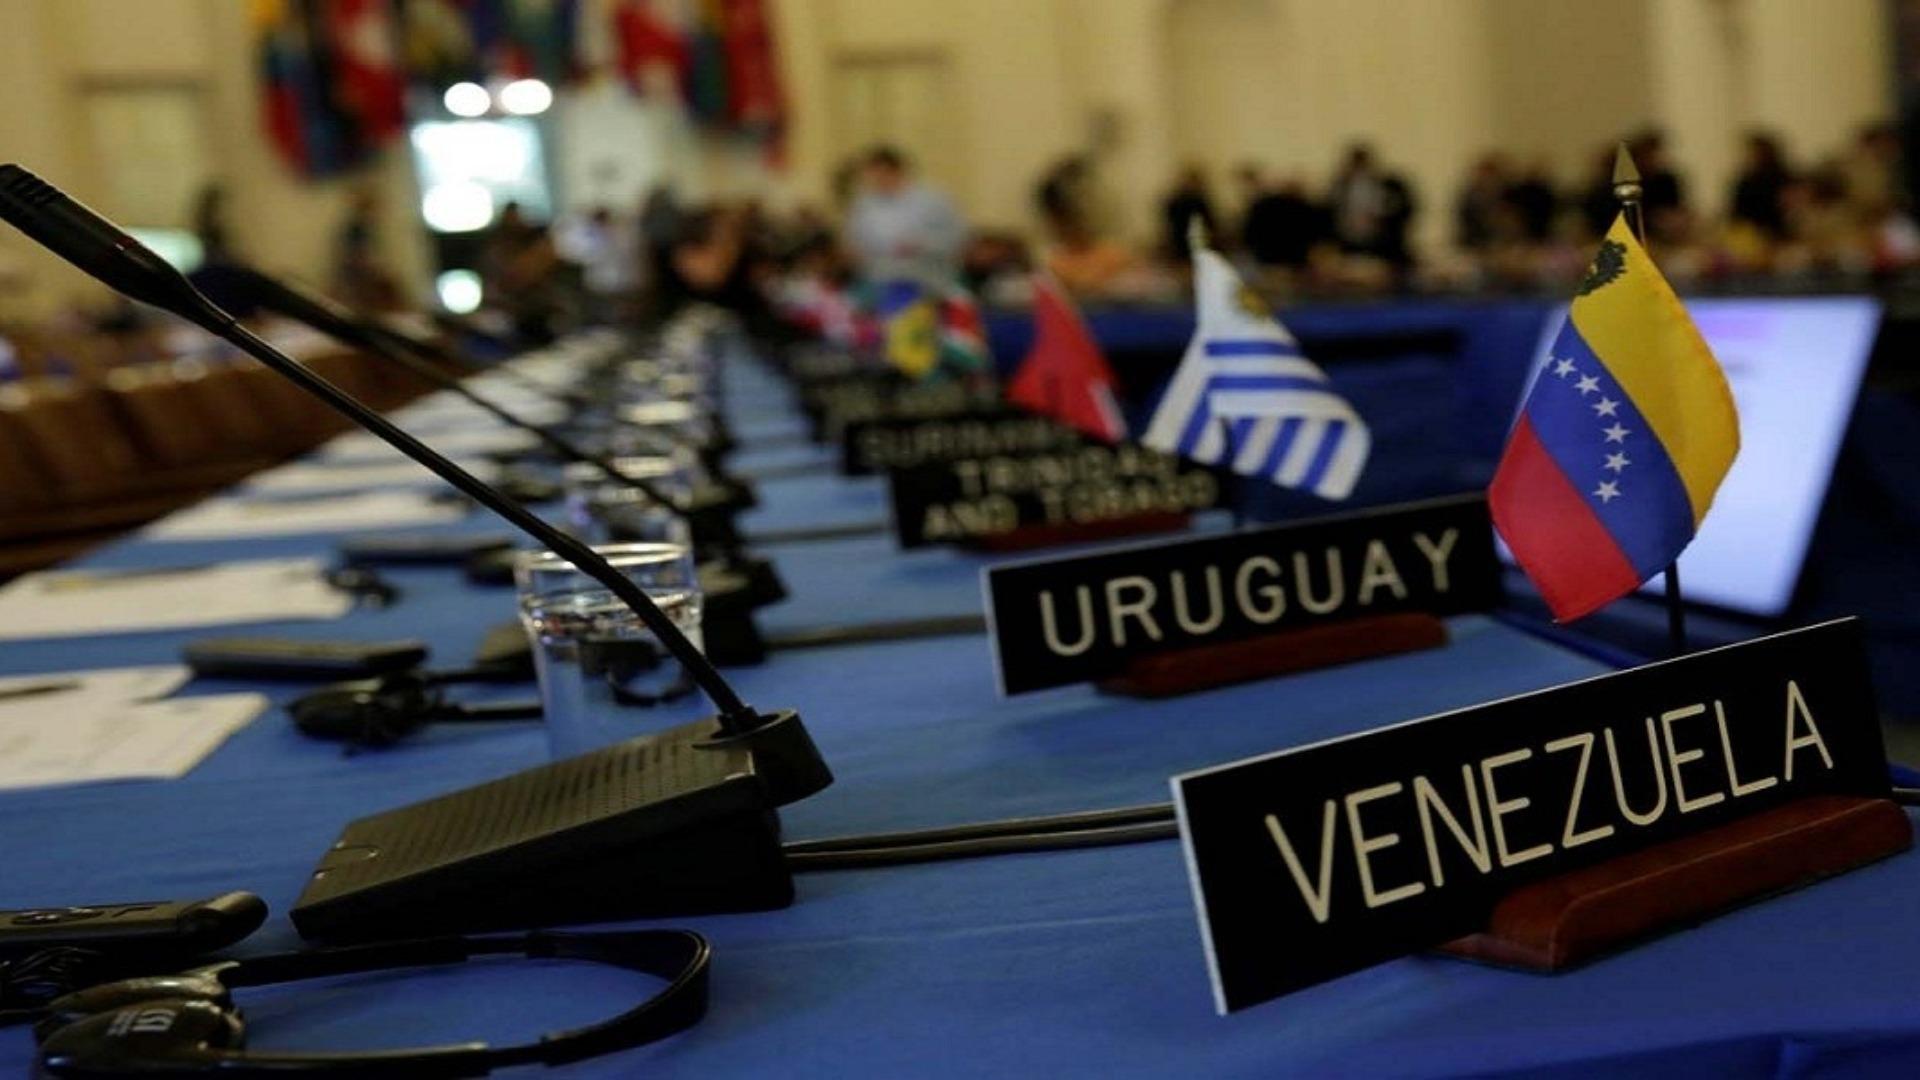 La ONU es mala, la OEA es buena, por Eduardo Semtei